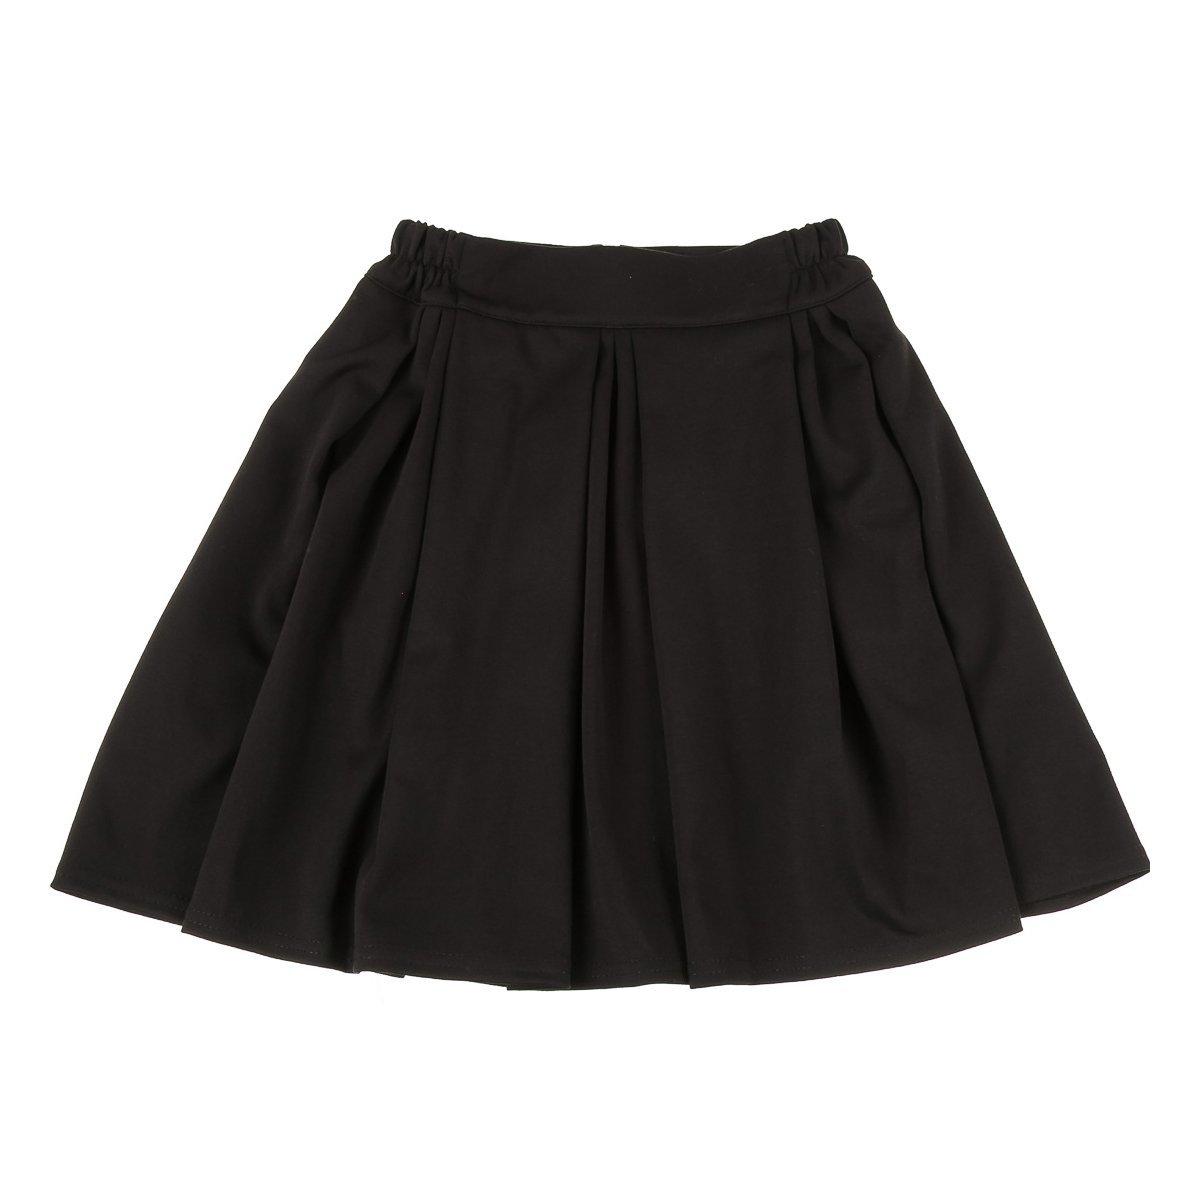 Купить Платья, сарафаны, юбки, Юбка Mevis Girlie черная, р. 122 1989-02 ТМ: Mevis, черный